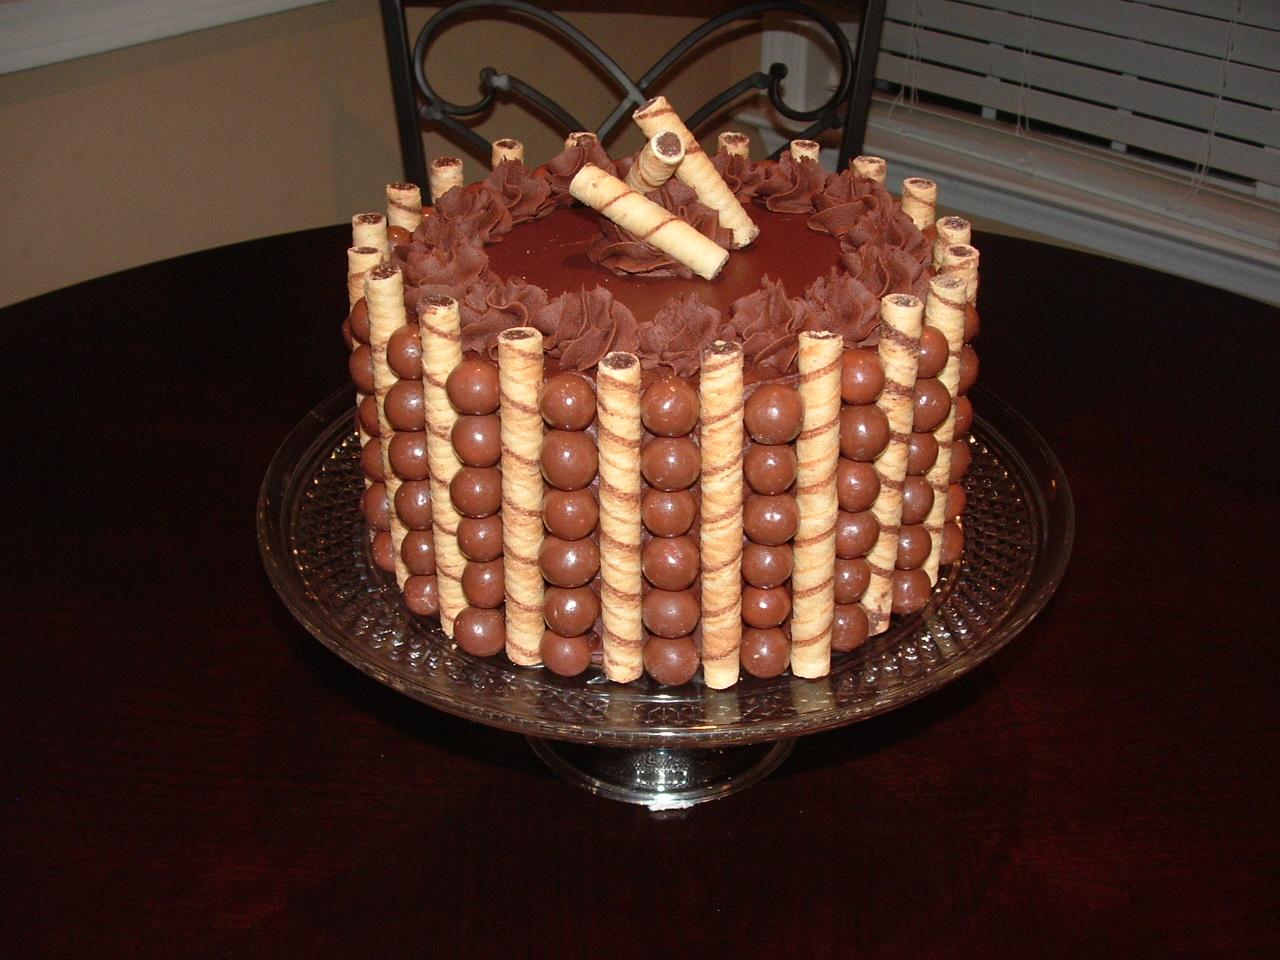 http://2.bp.blogspot.com/_7xLPSEFn1W4/TPPRgjTafII/AAAAAAAAALM/HSYGjdKUiRQ/s1600/Chocolate%2Bcake%2B1%2B002.jpg